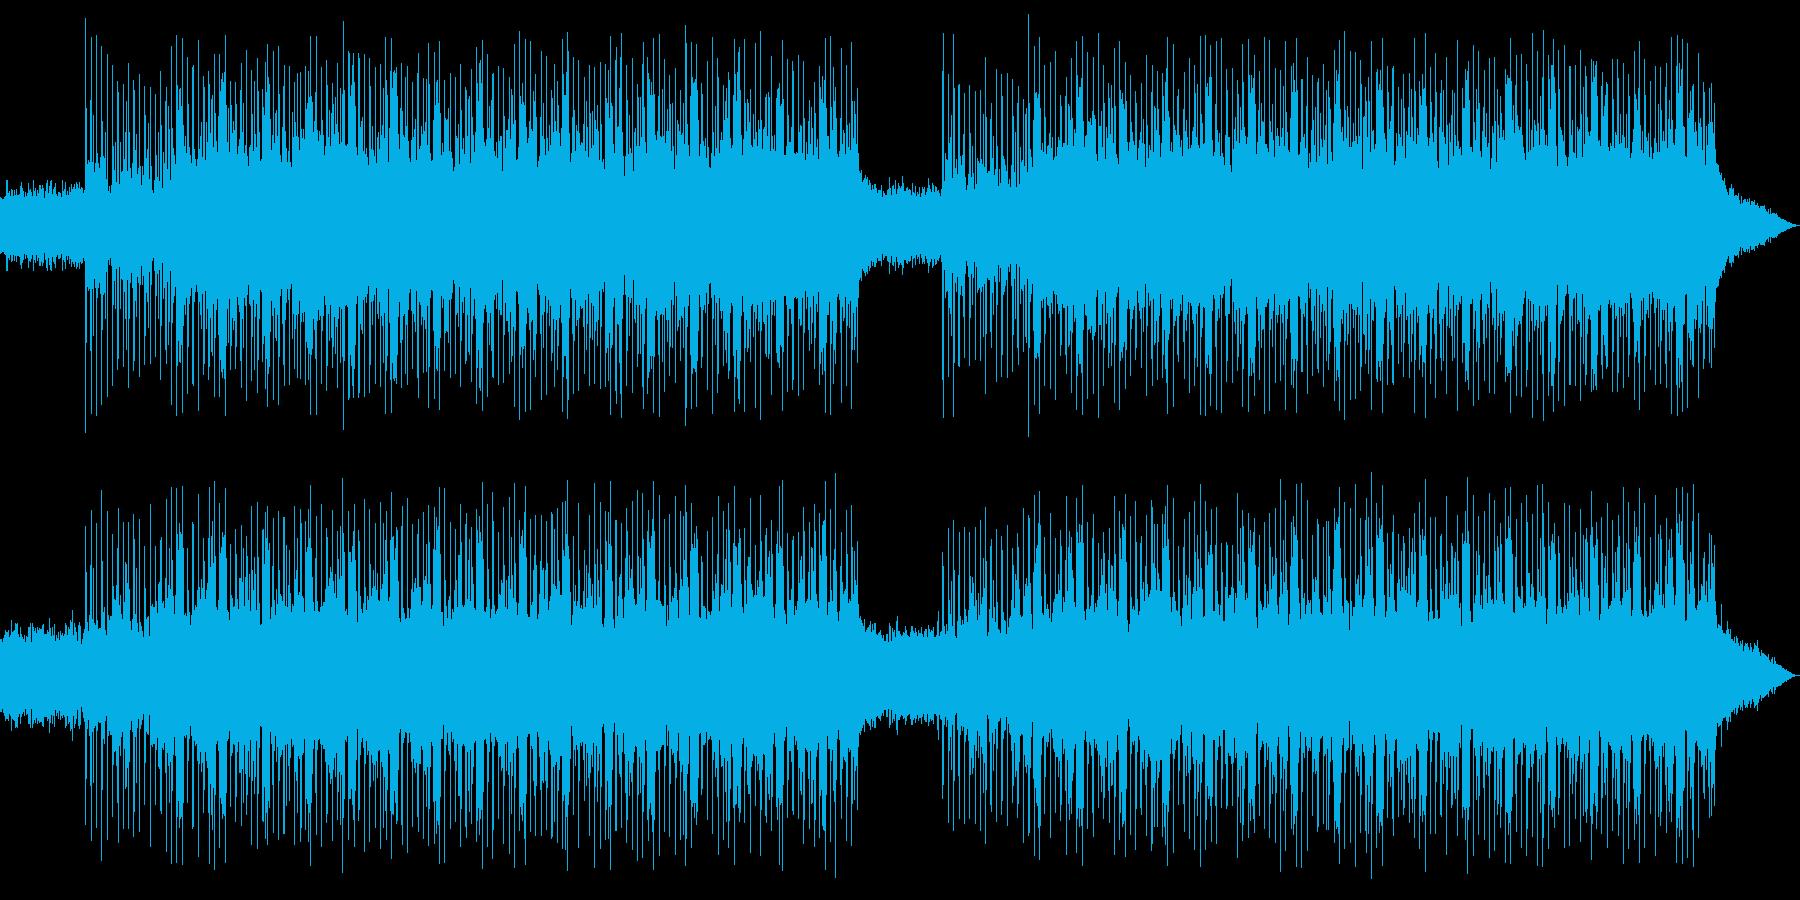 虫型のロボットやドローンを操る能力者の再生済みの波形